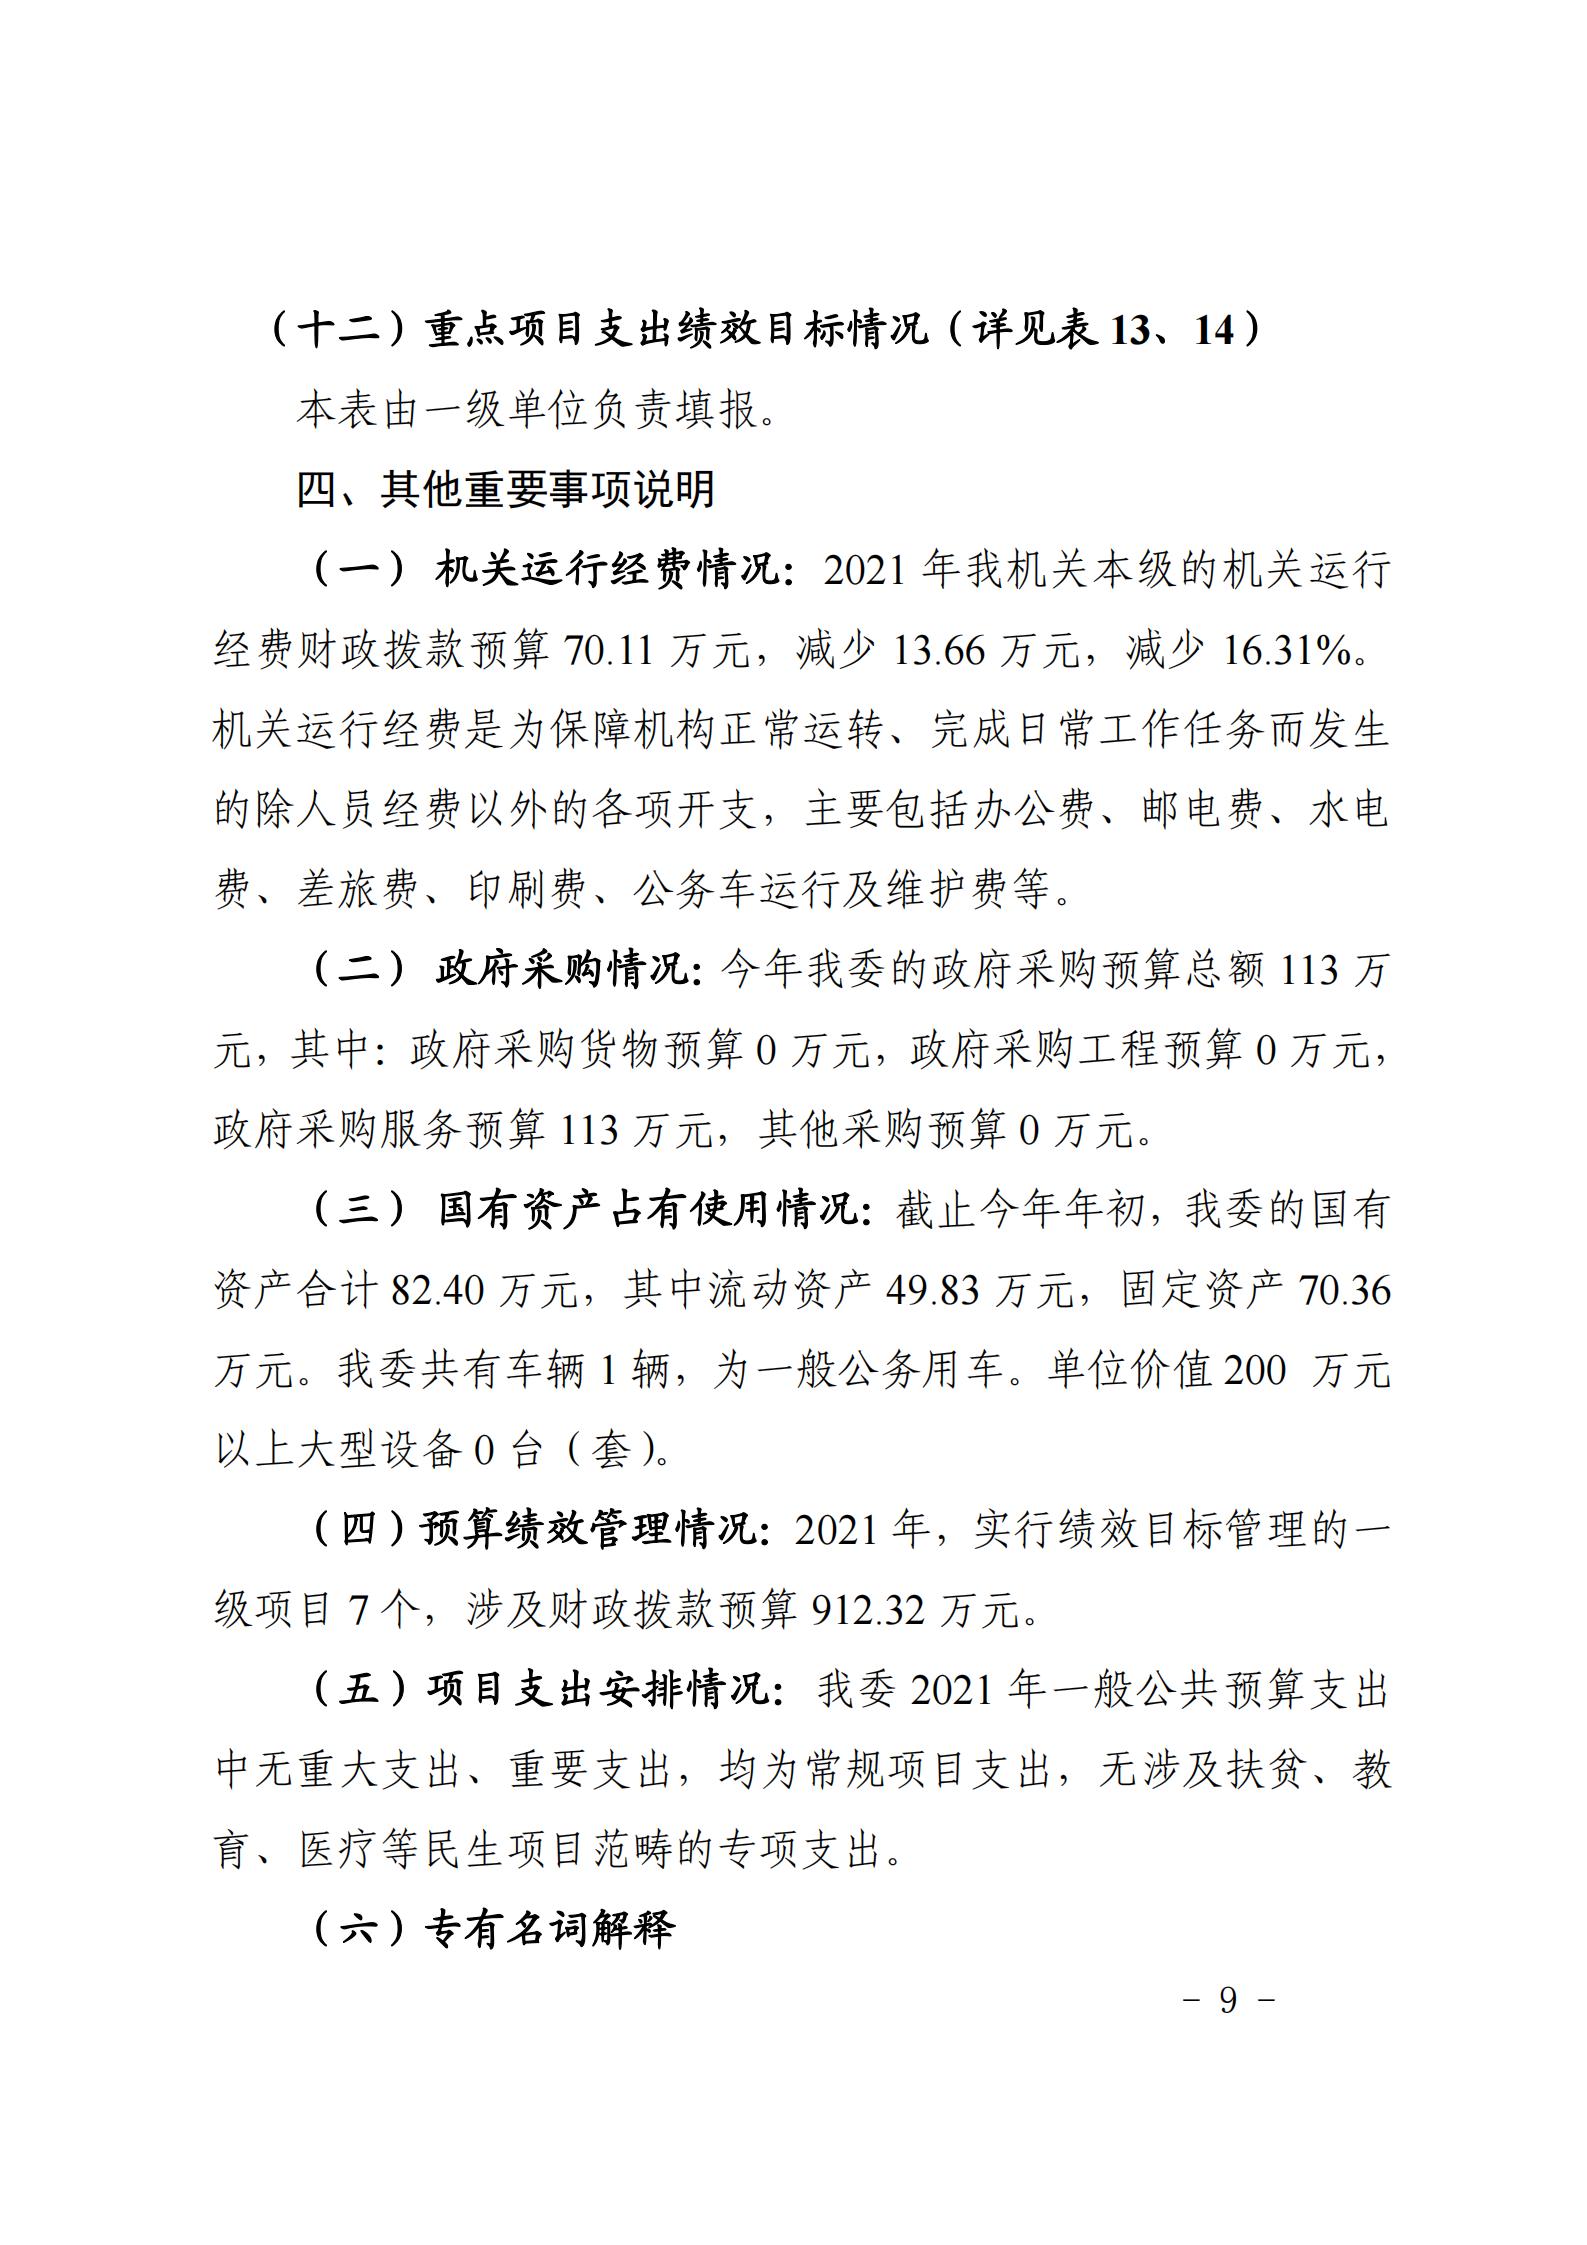 """共青团贵阳市委(本级)2021年度市级部门预算、""""三公""""经费预算公开说明(1)_08.png"""